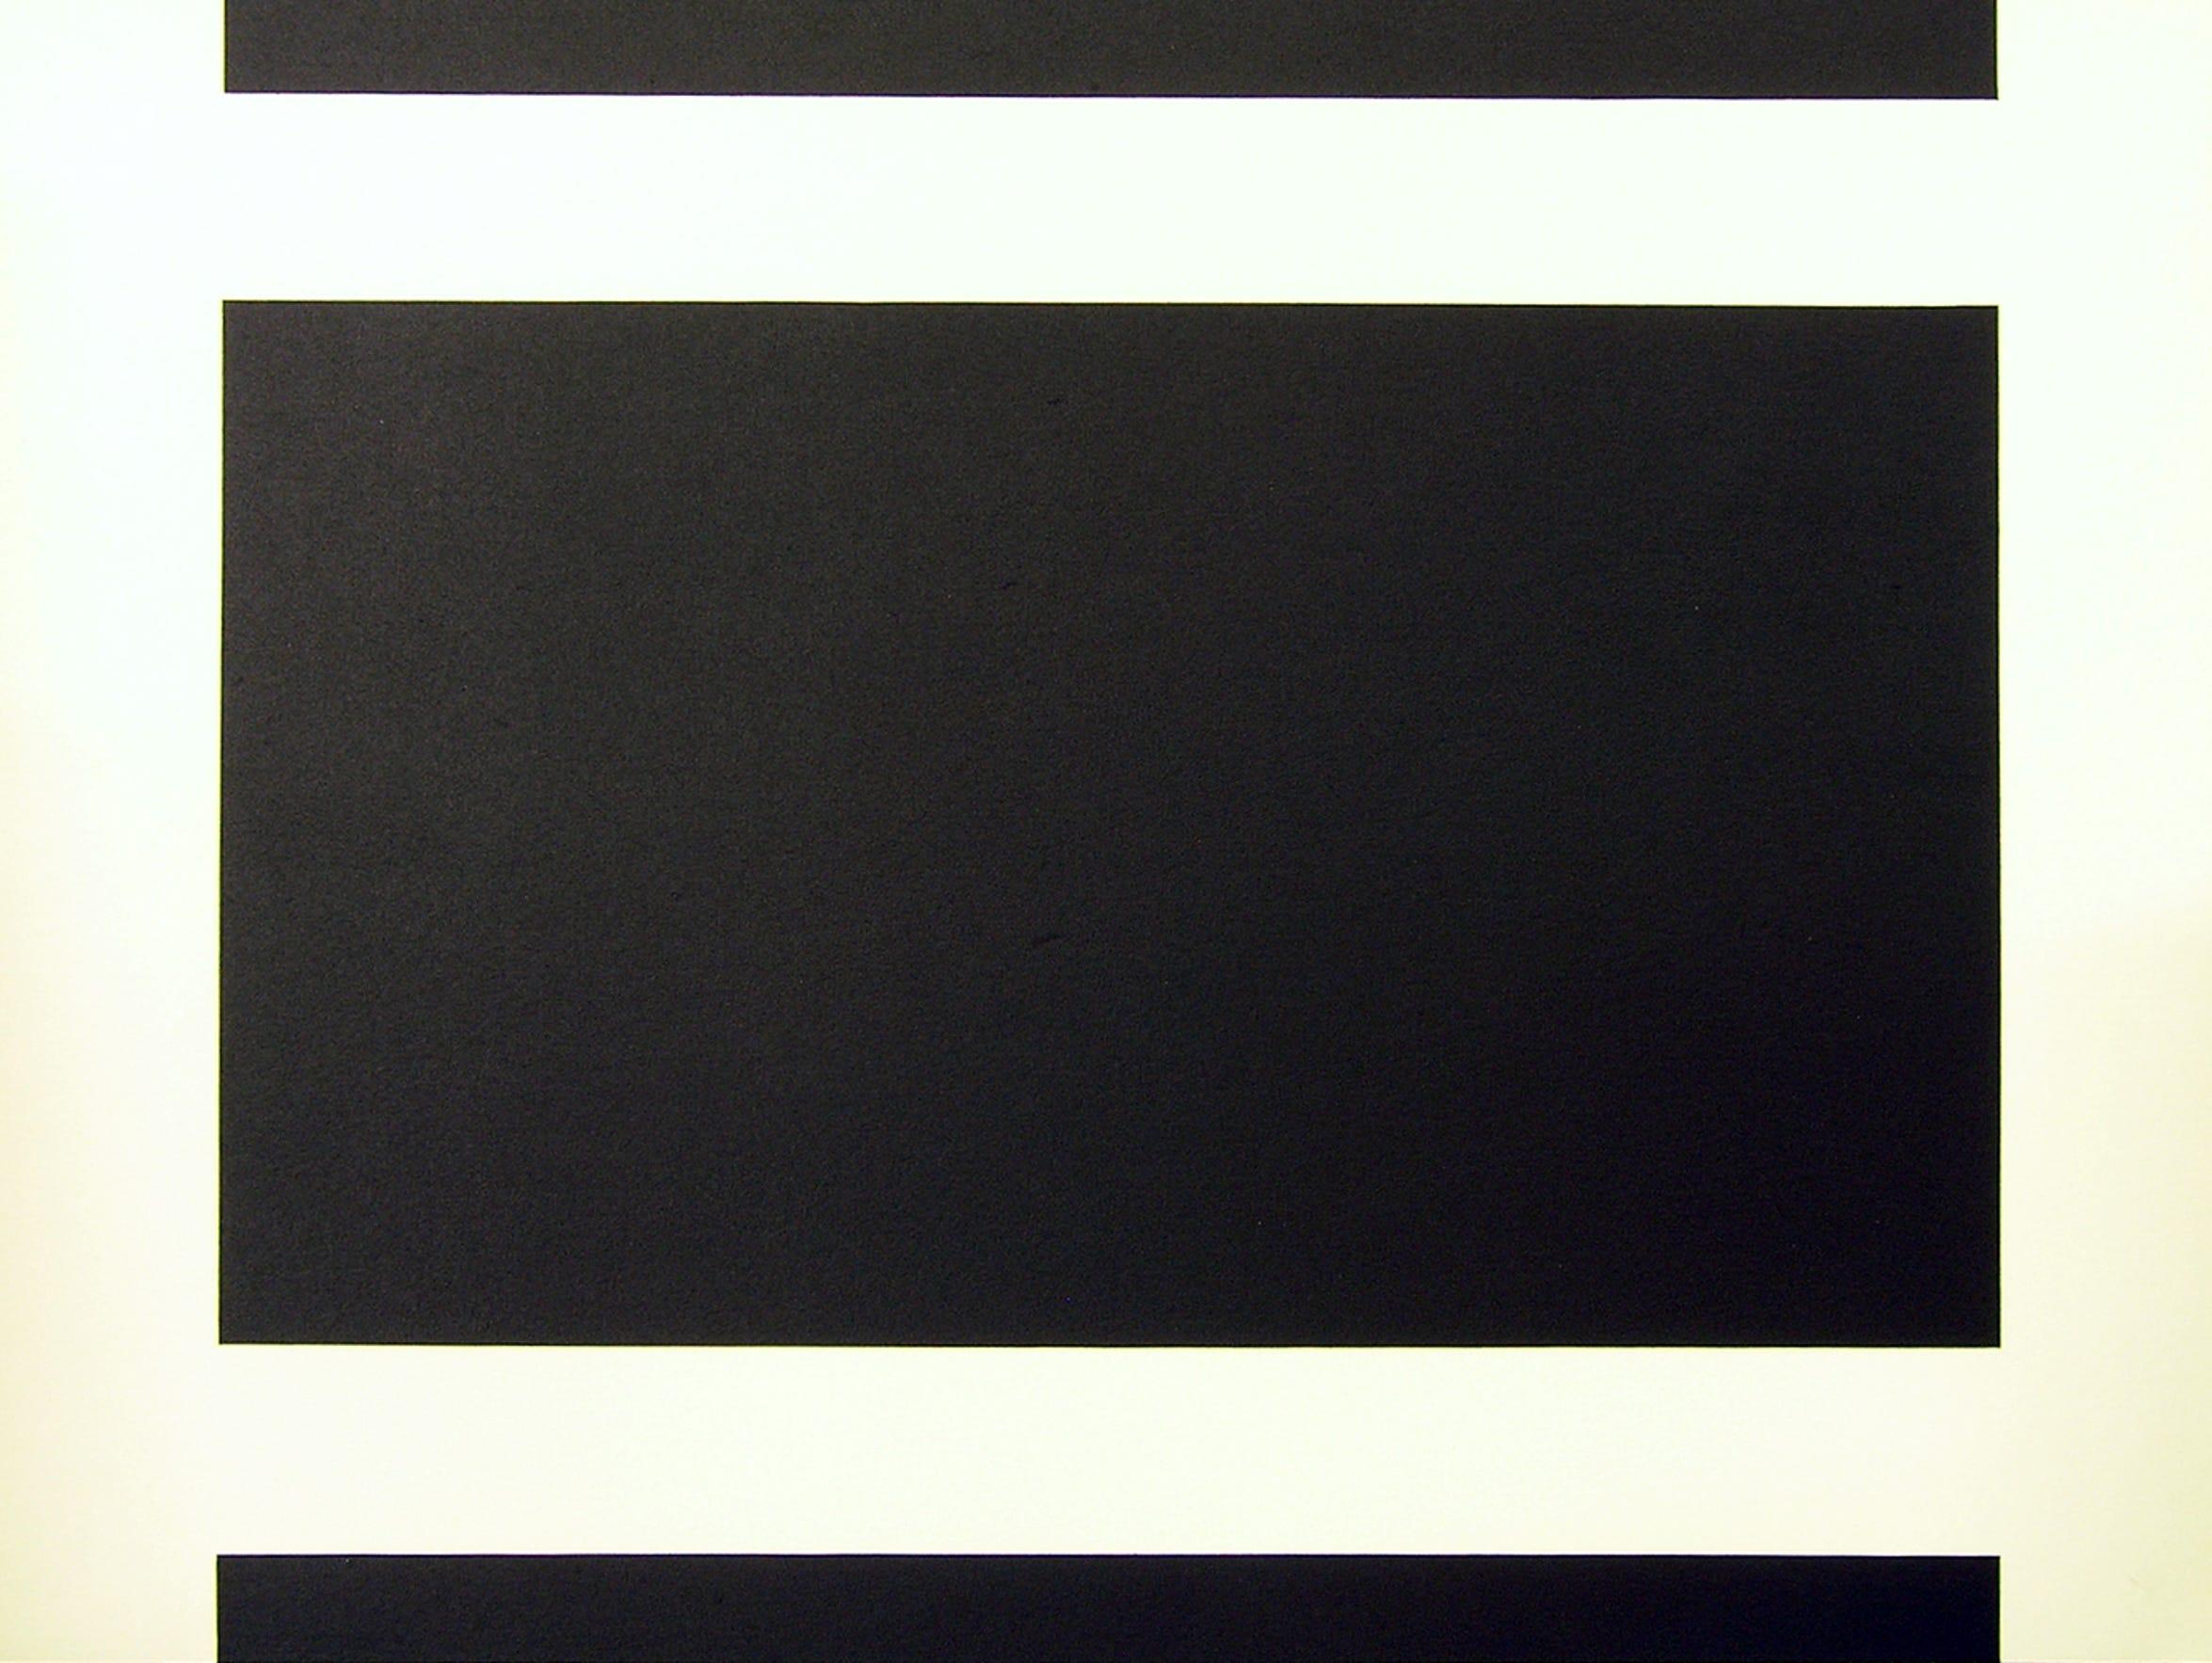 377-1986 (Medium) by John McLaughlin